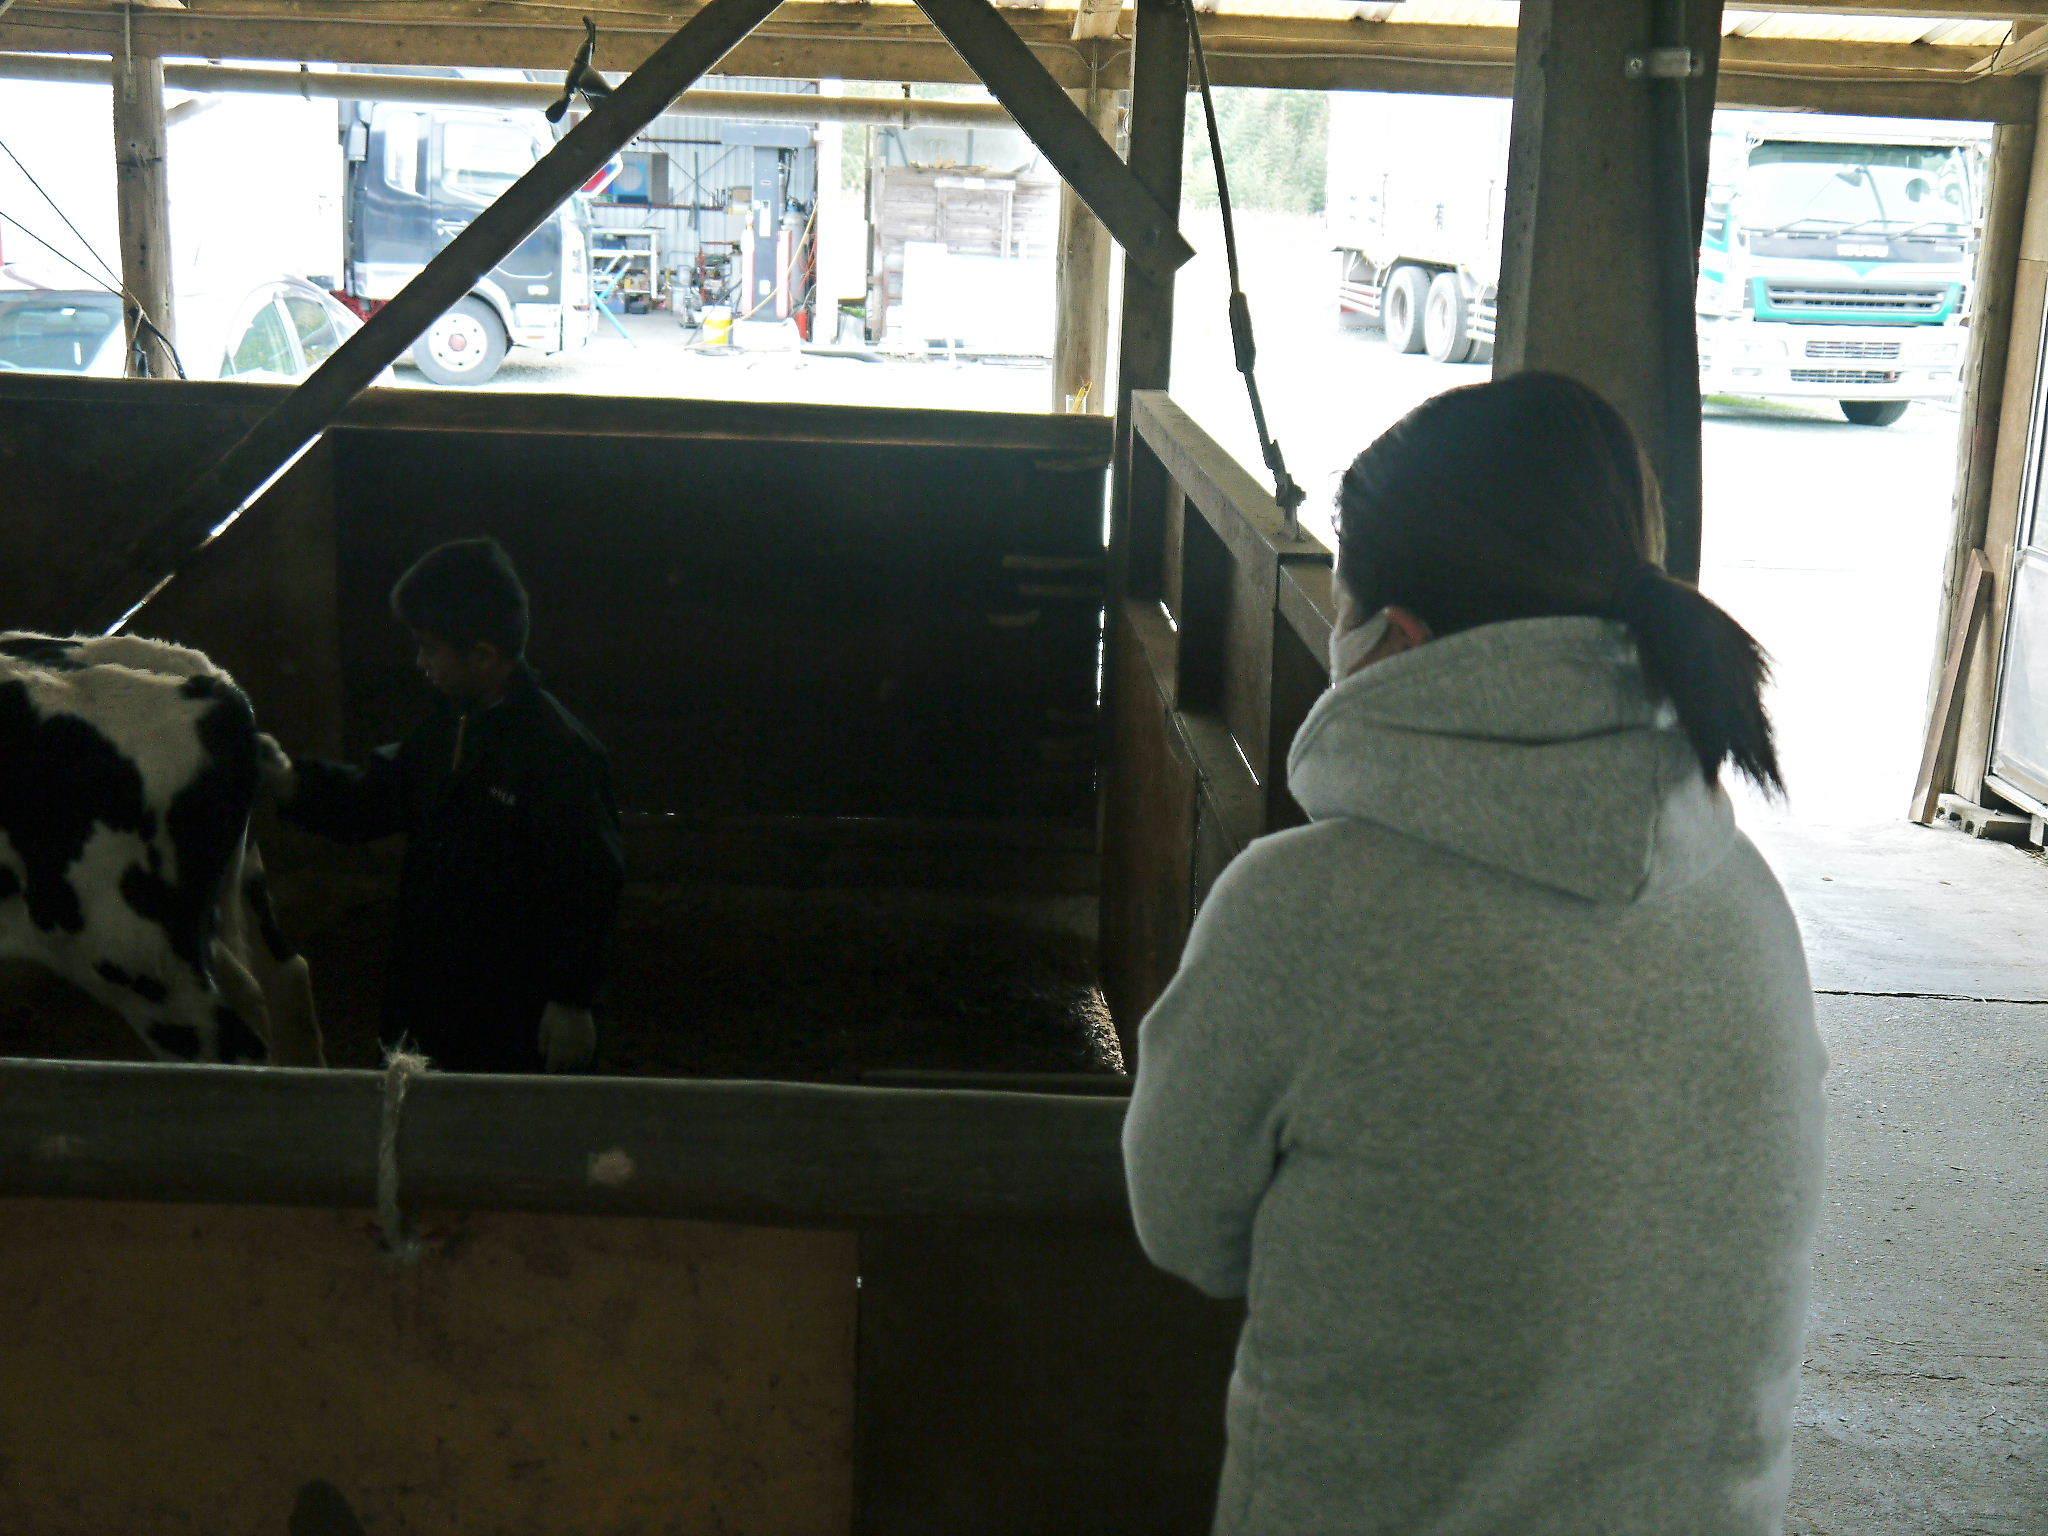 熊本県産黒毛和牛 絶品黒毛和牛を育てる「中野畜産」さんのファミリー紹介_a0254656_17335234.jpg